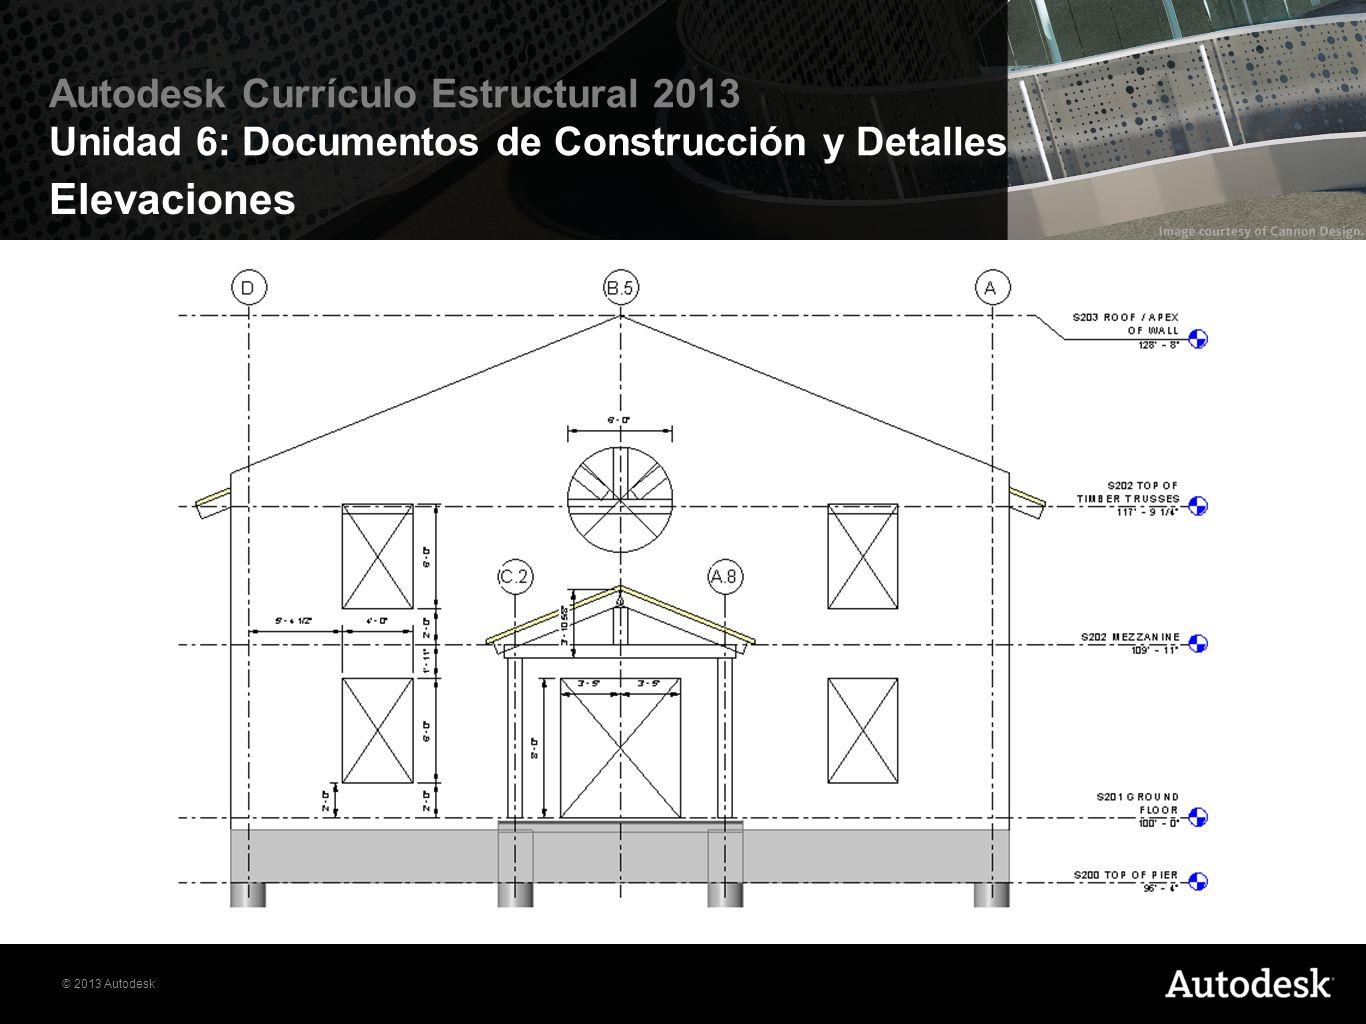 © 2013 Autodesk Autodesk Currículo Estructural 2013 Unidad 6: Documentos de Construcción y Detalles Secciones